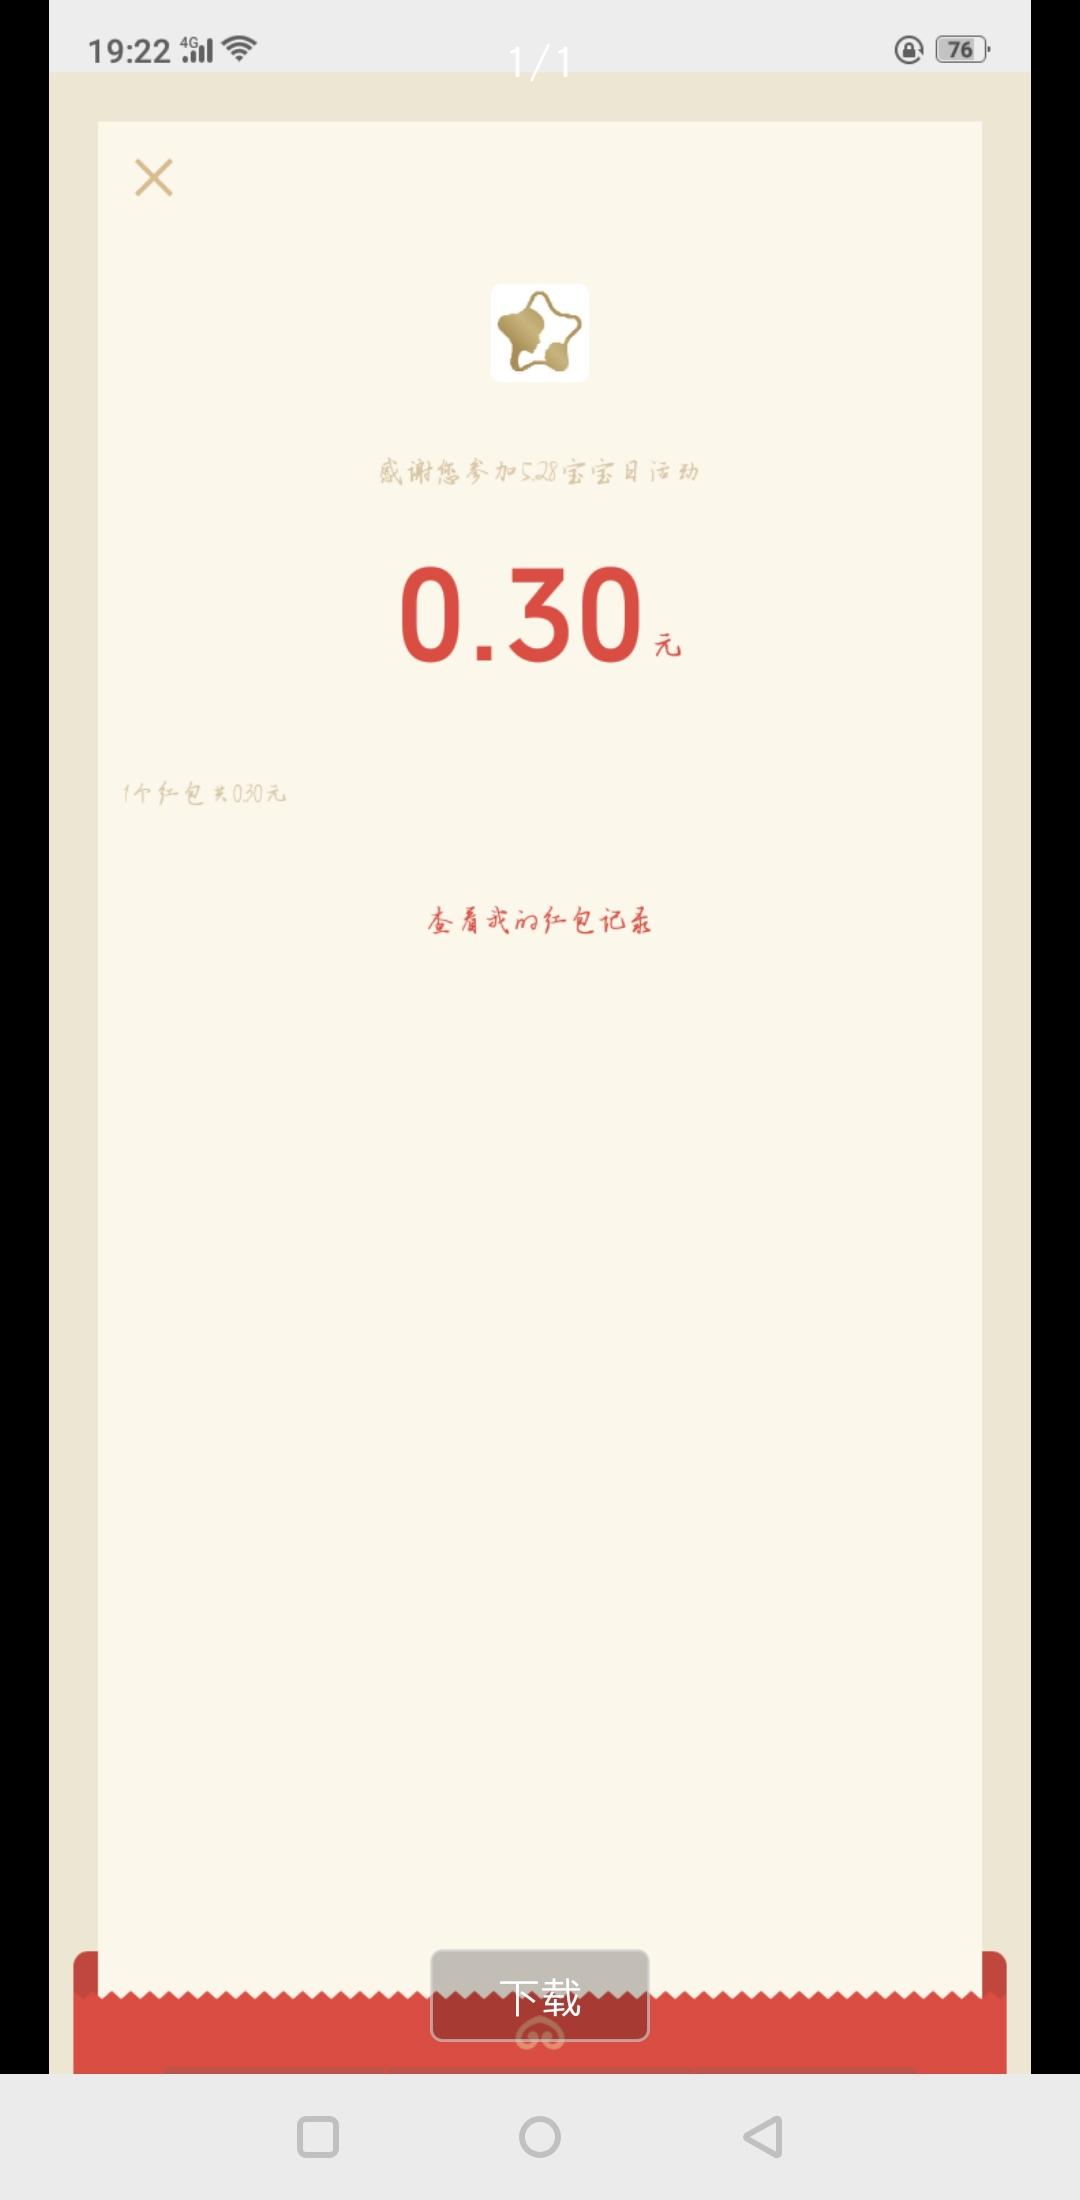 【现金红包】大水-www.im86.com